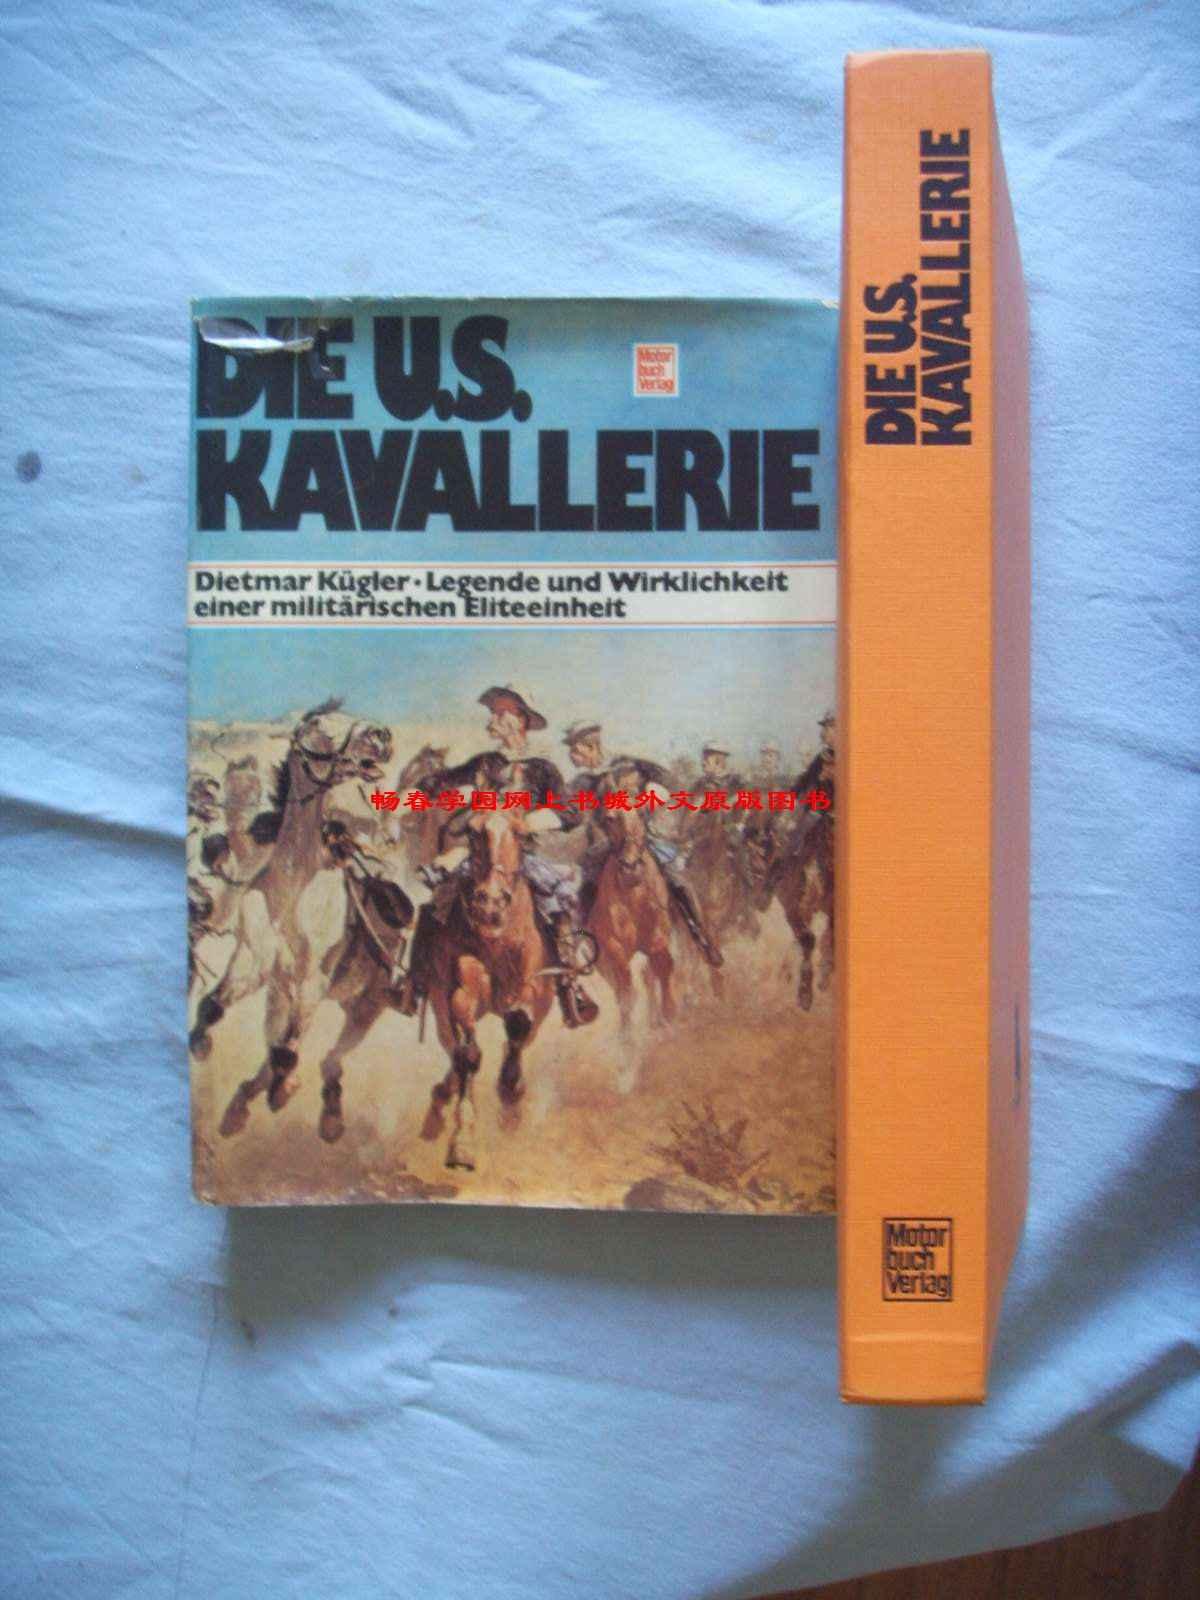 德文原版    美国骑兵-精锐部队 Die U.S. - Kavallerie. Legende und Wirklichkeit einer militärischen Eliteeinheit